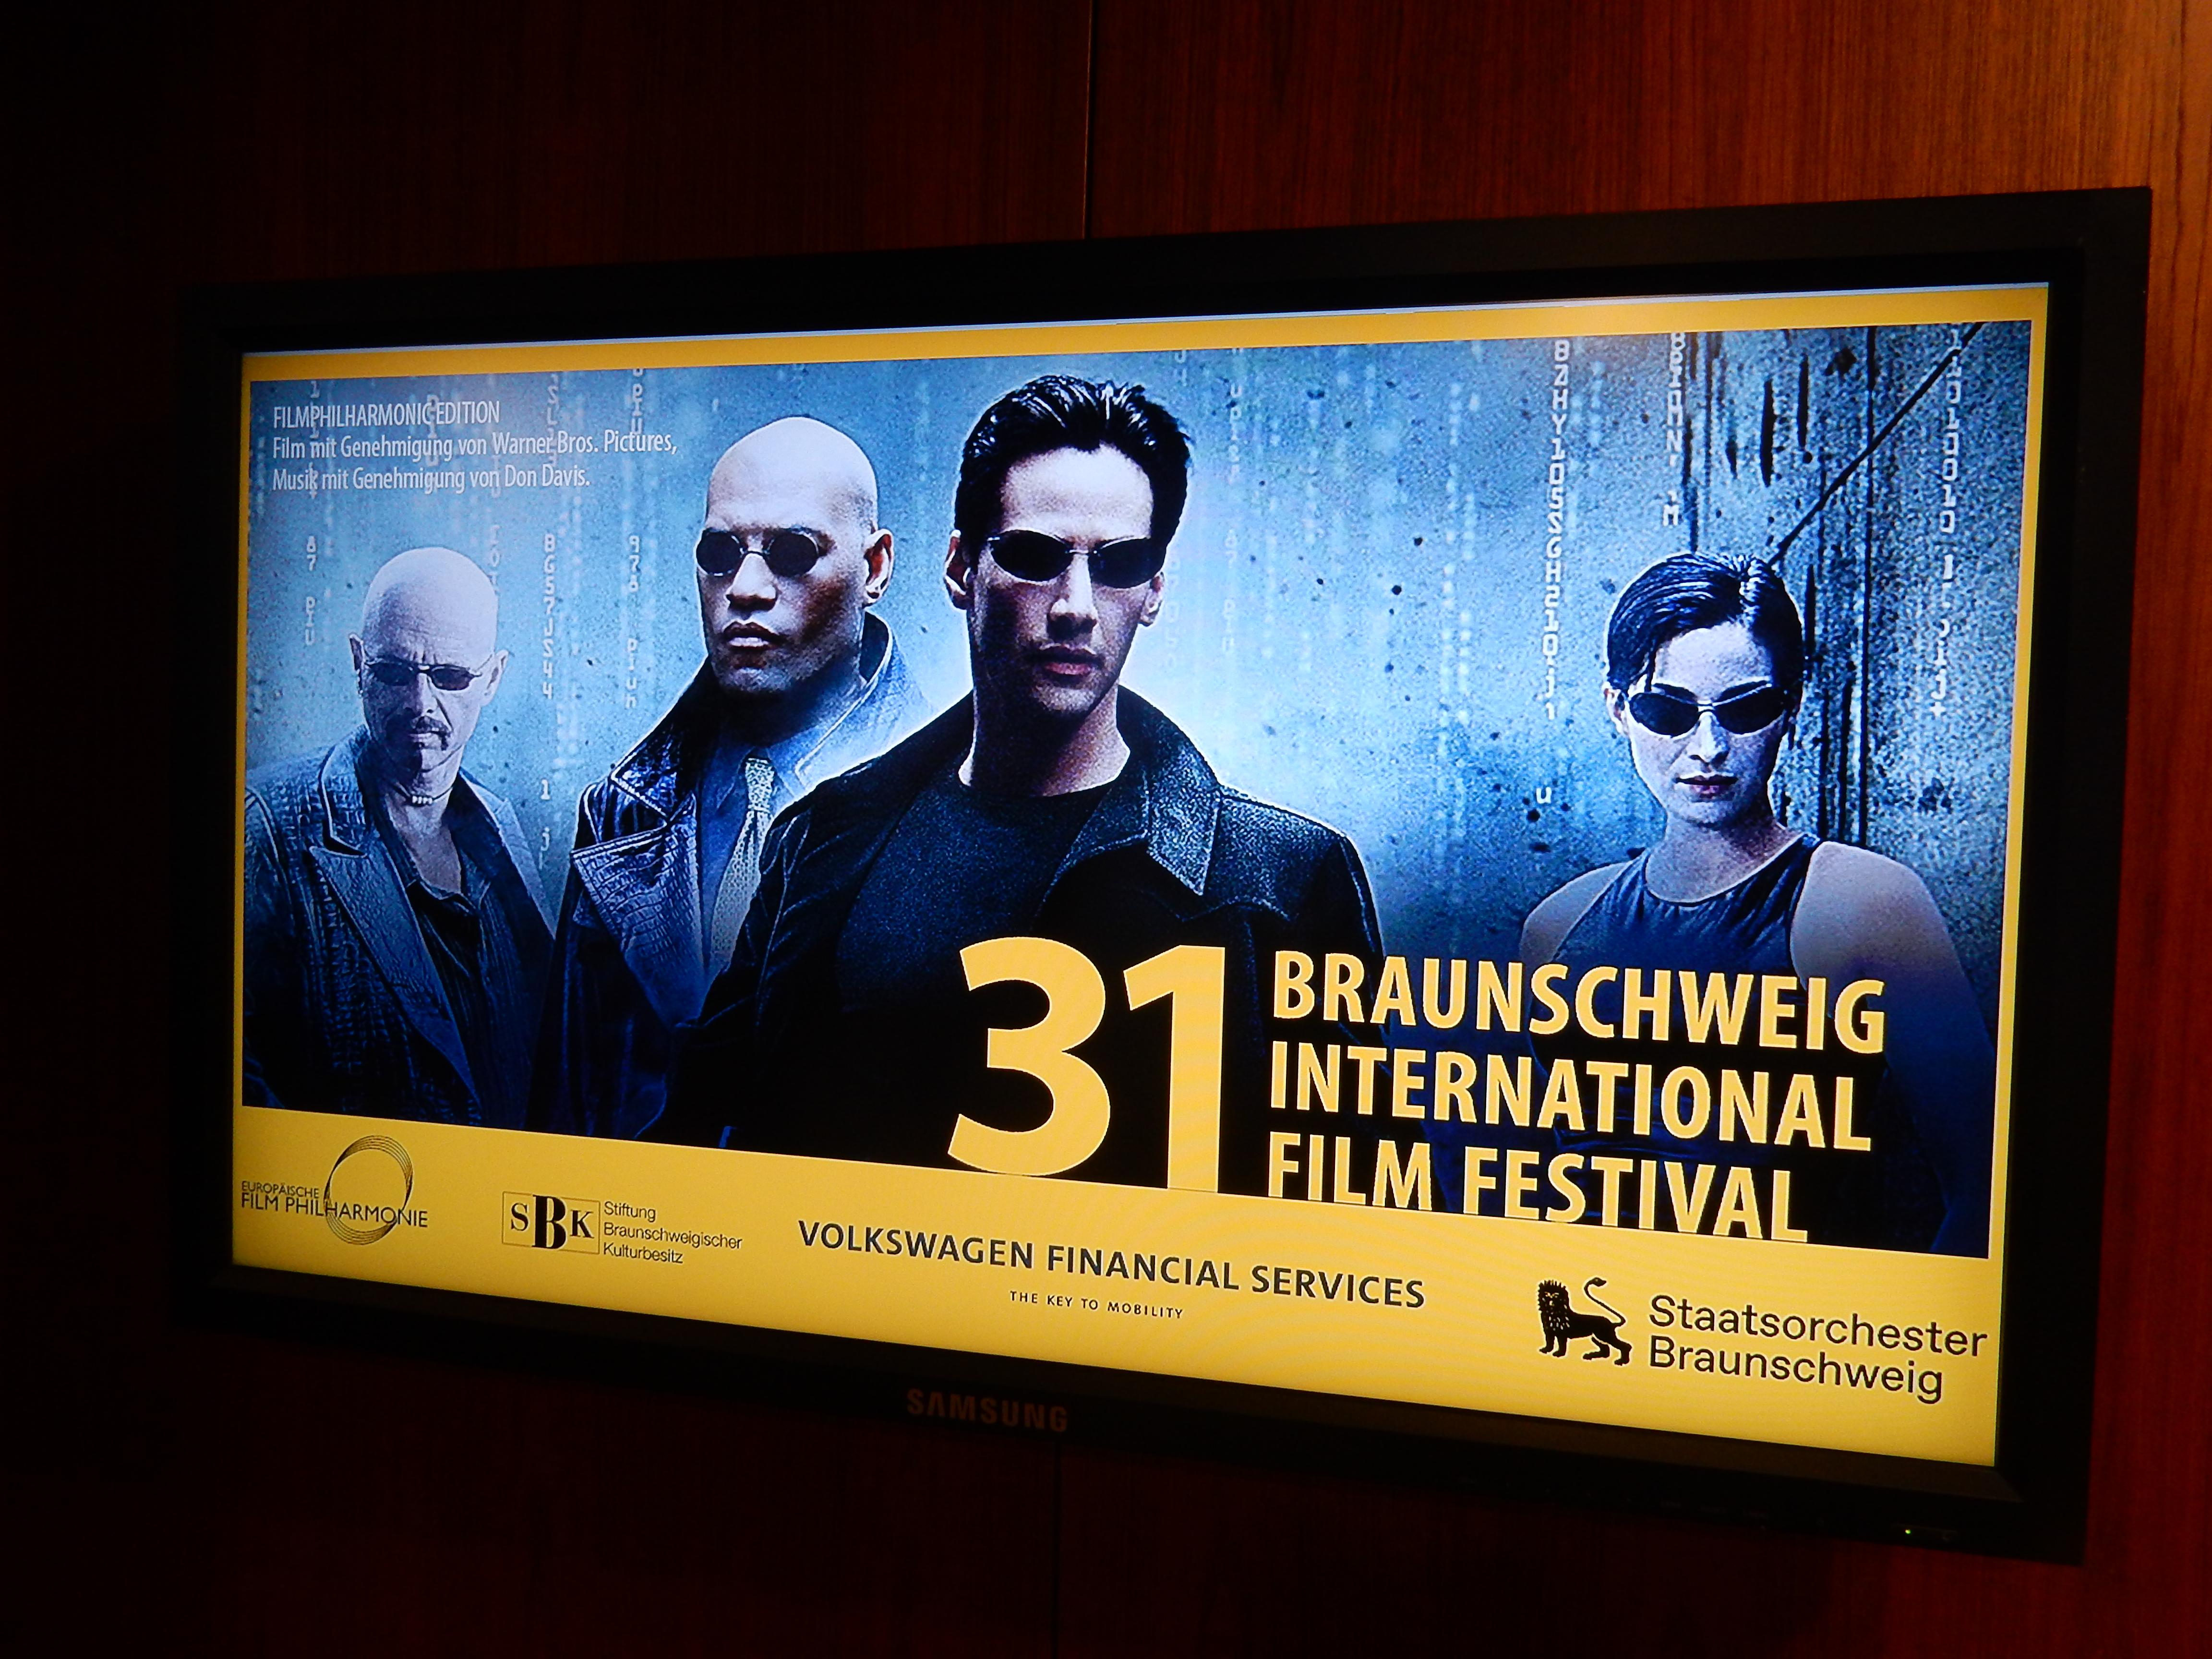 Illusion & Realität: The Matrix in Braunschweig